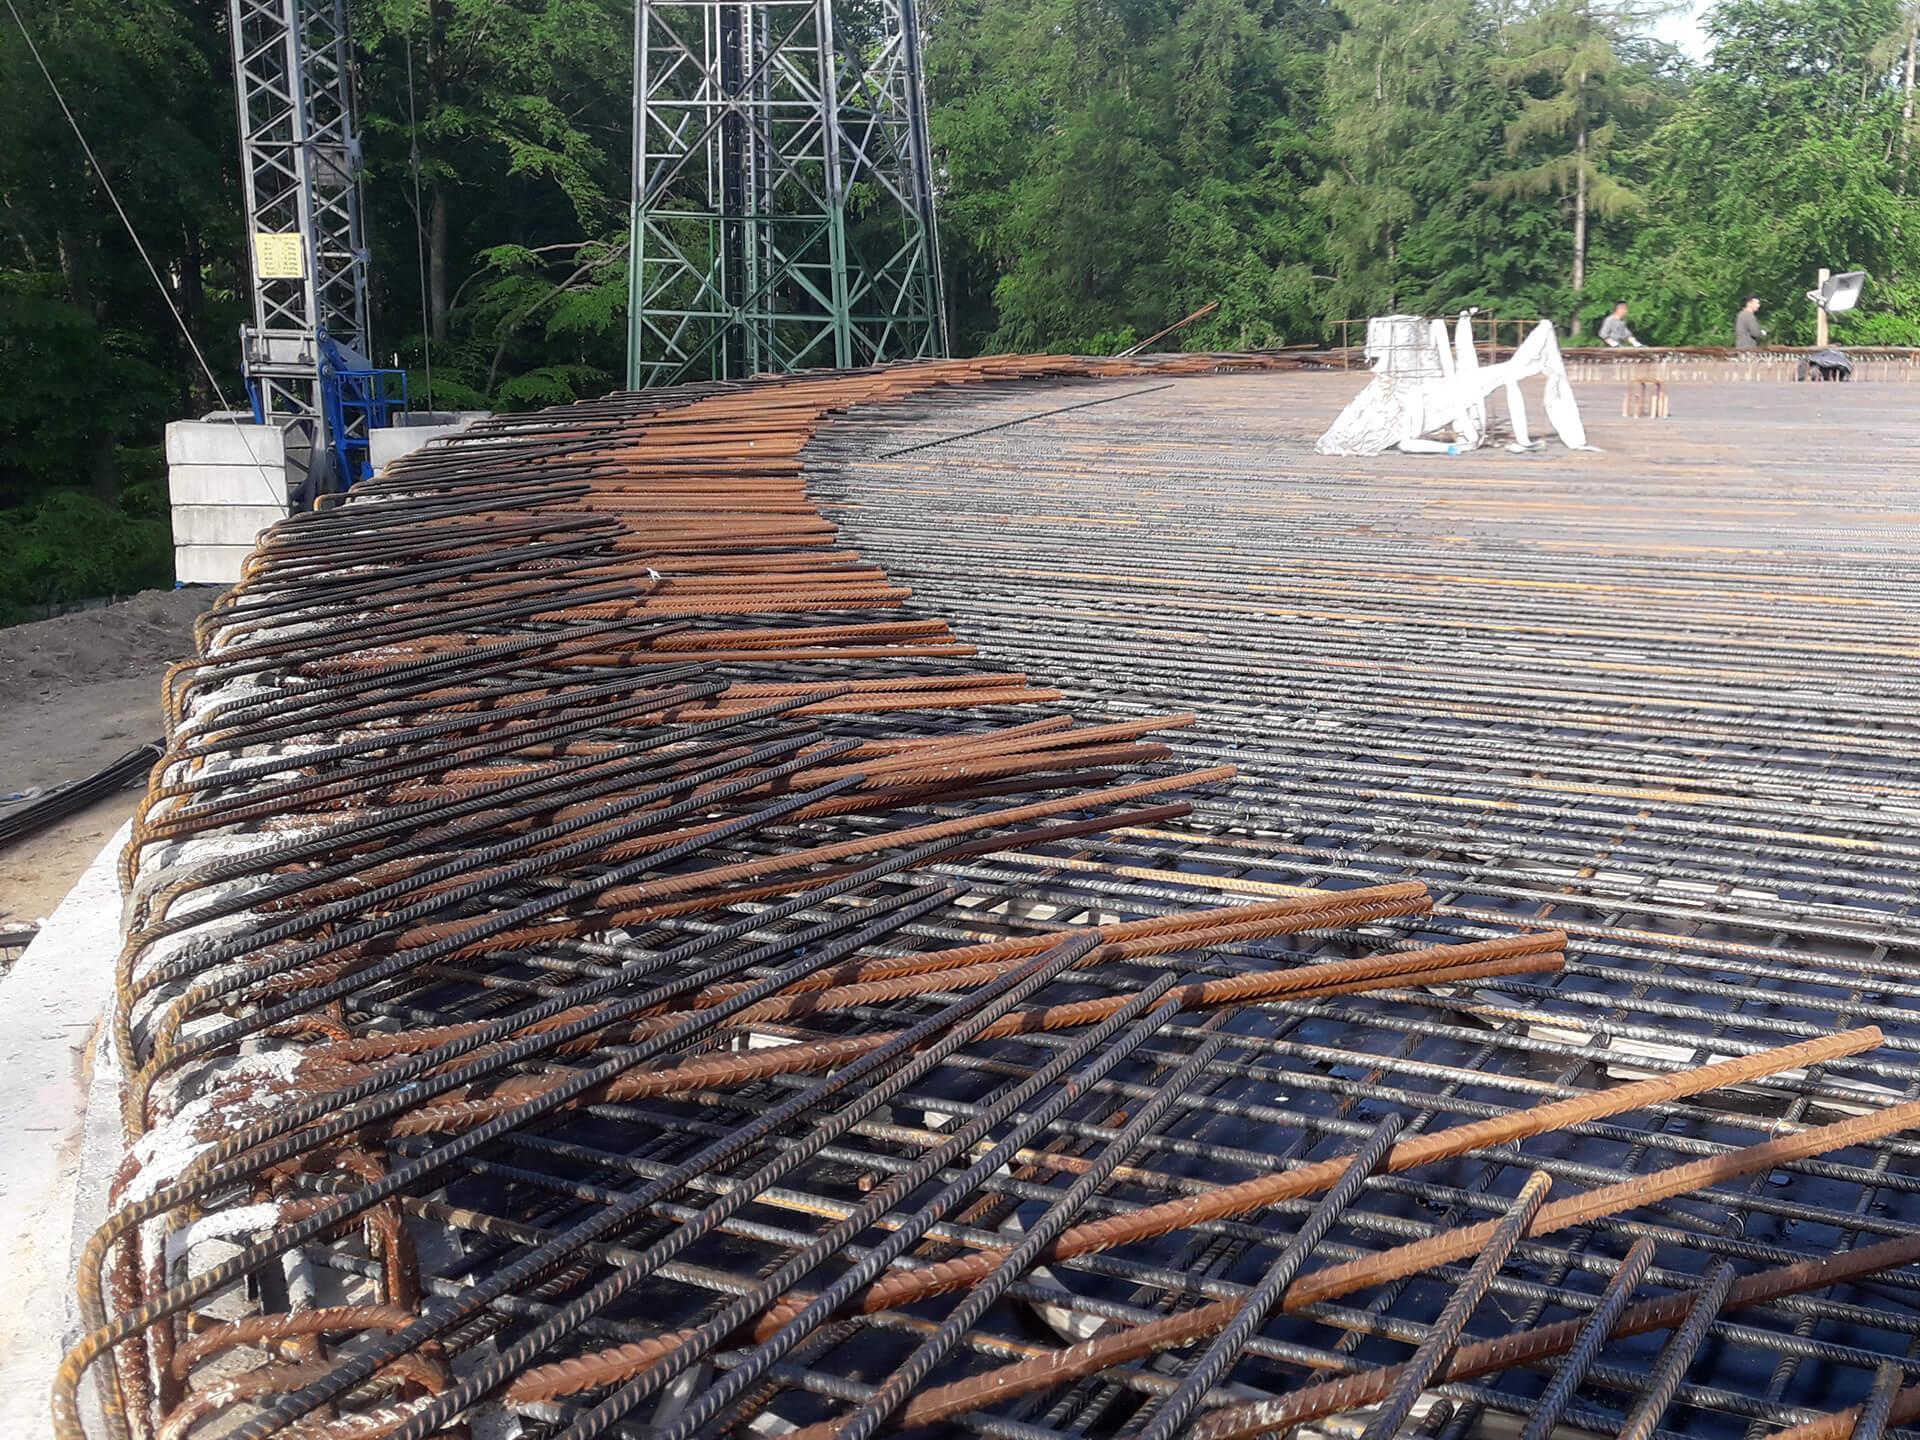 Die Schaltafeln und der überwiegende Teil der Bewehrung der Decke sind verlegt und warten auf den Betonierprozess